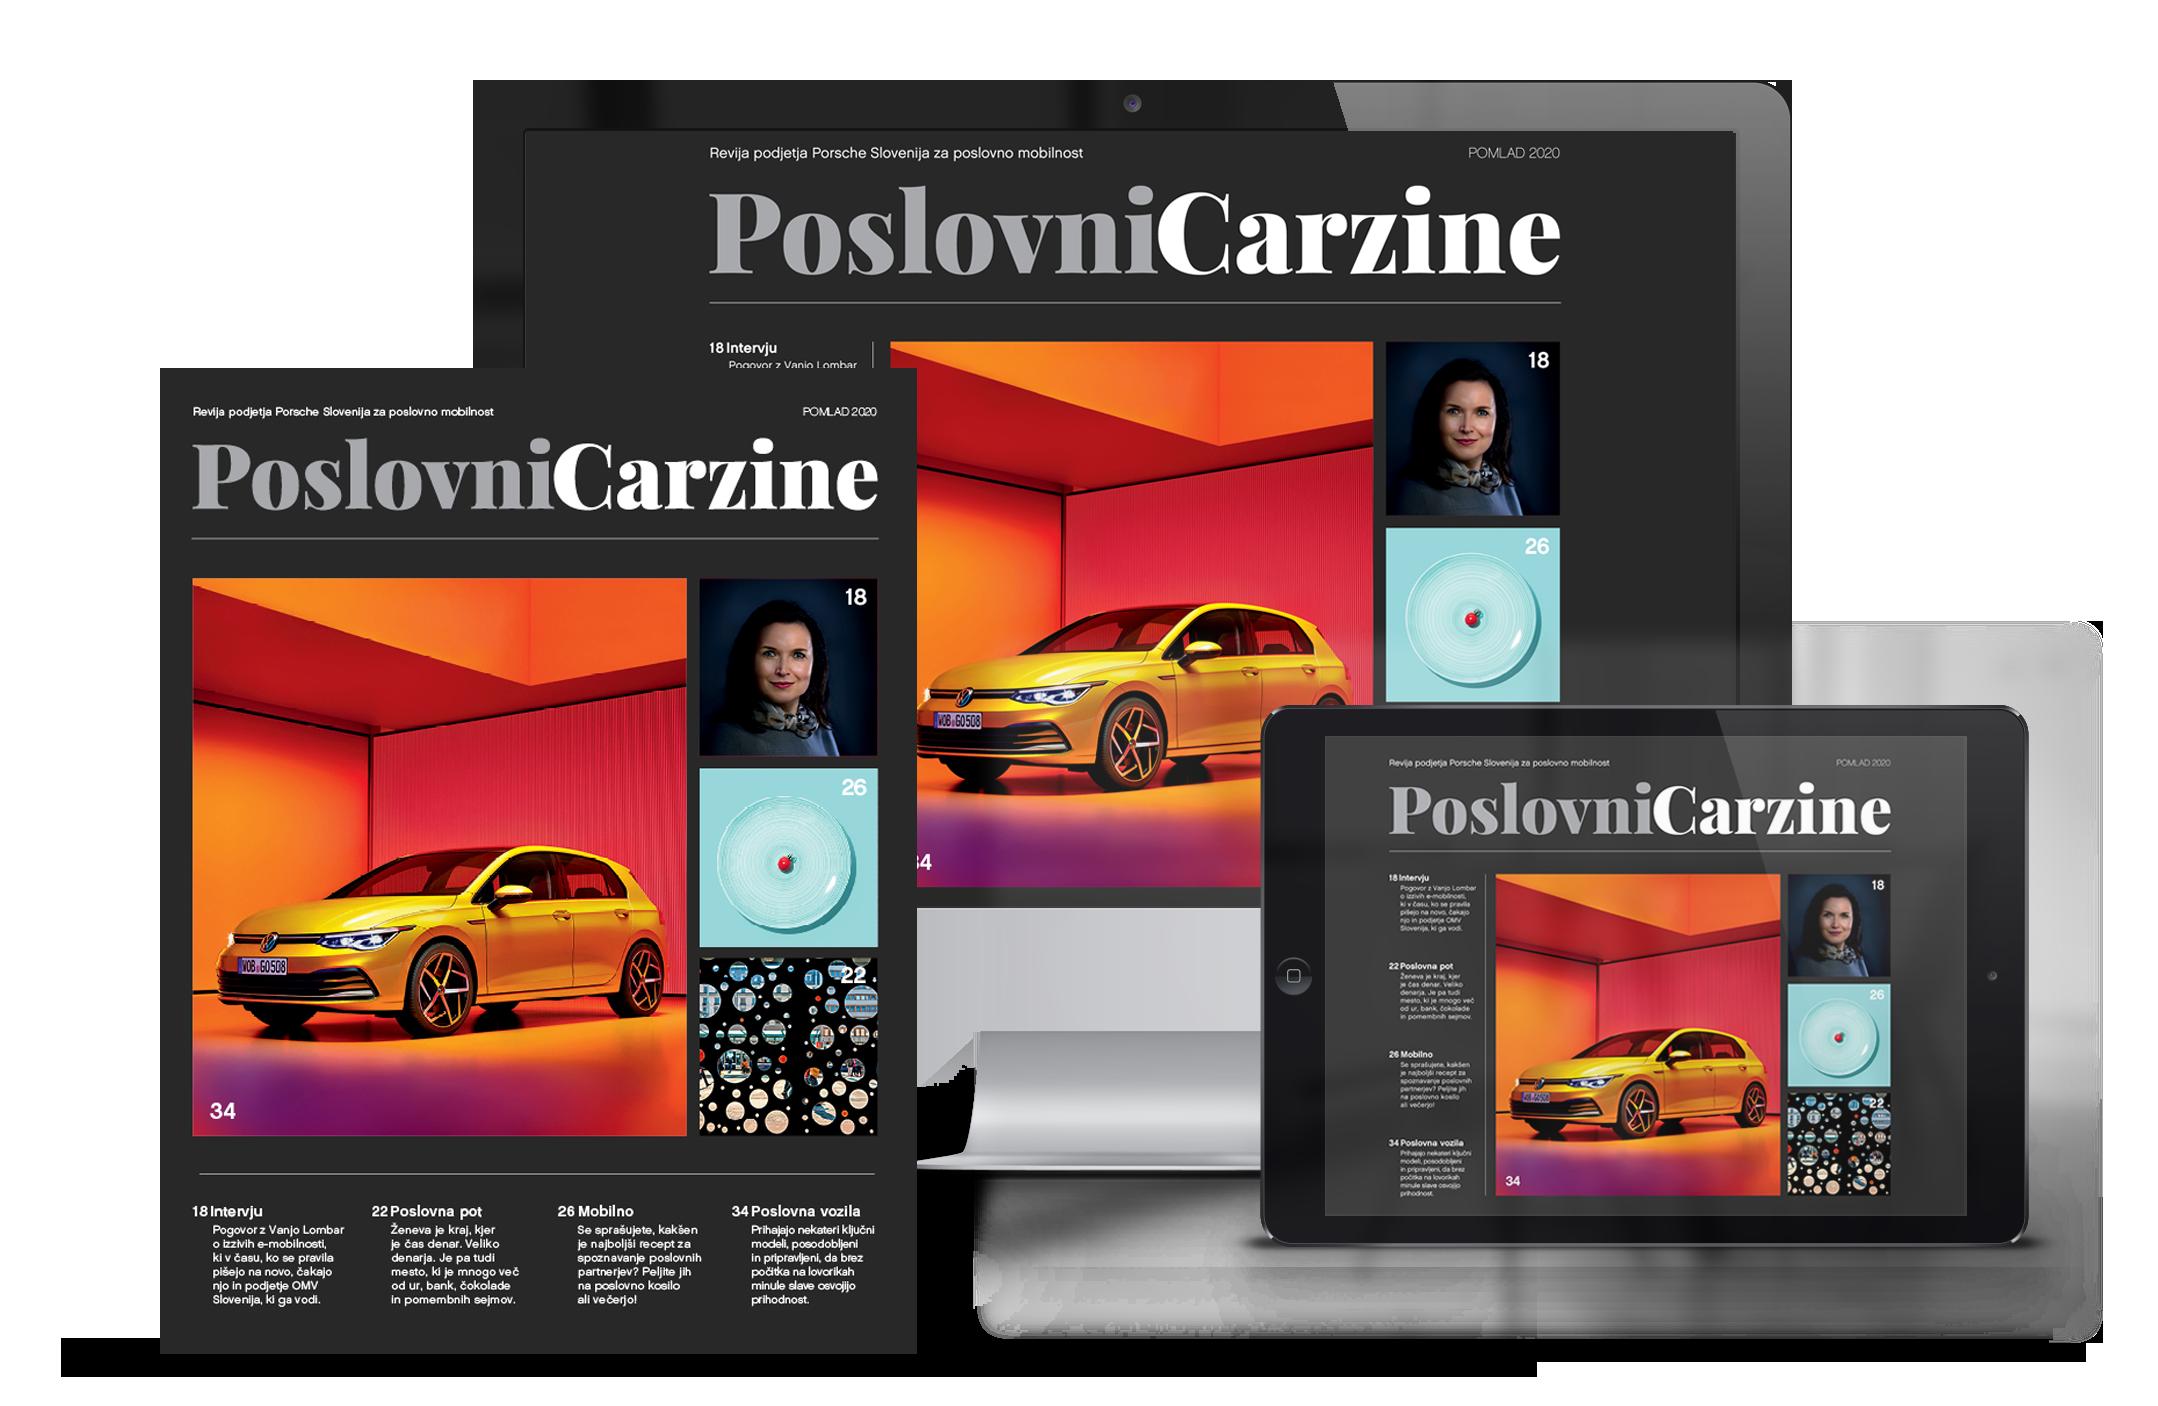 poslovni_carzine_pomlad_2020